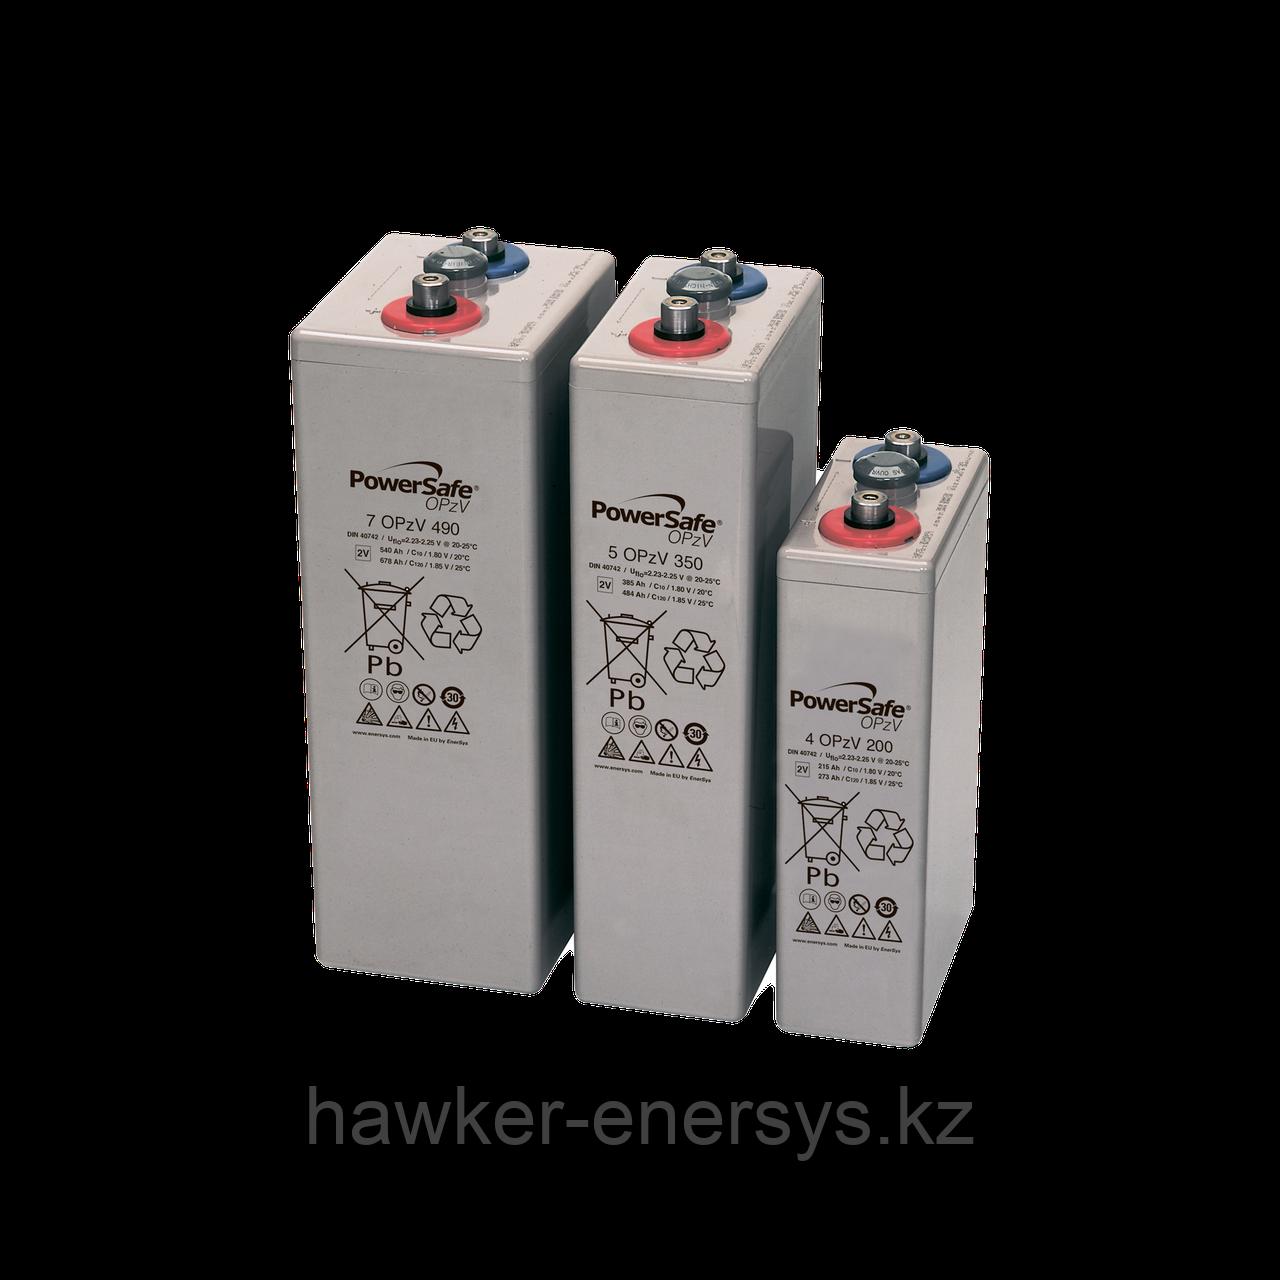 Аккумуляторная батарея PowerSafe 12 OPzV 1500 (1600Ah)